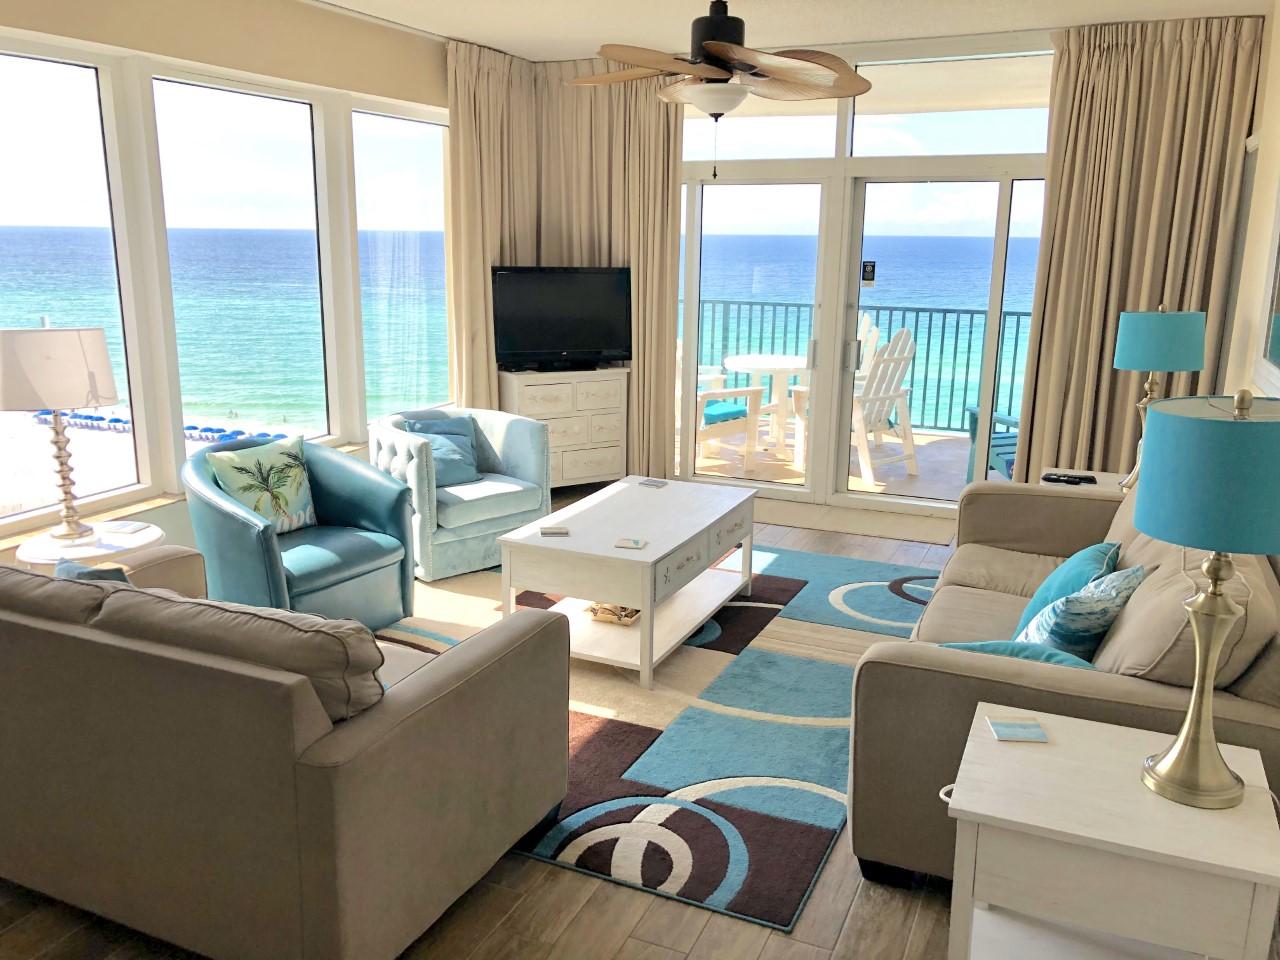 sunny family room at Sandnsol Destin condo